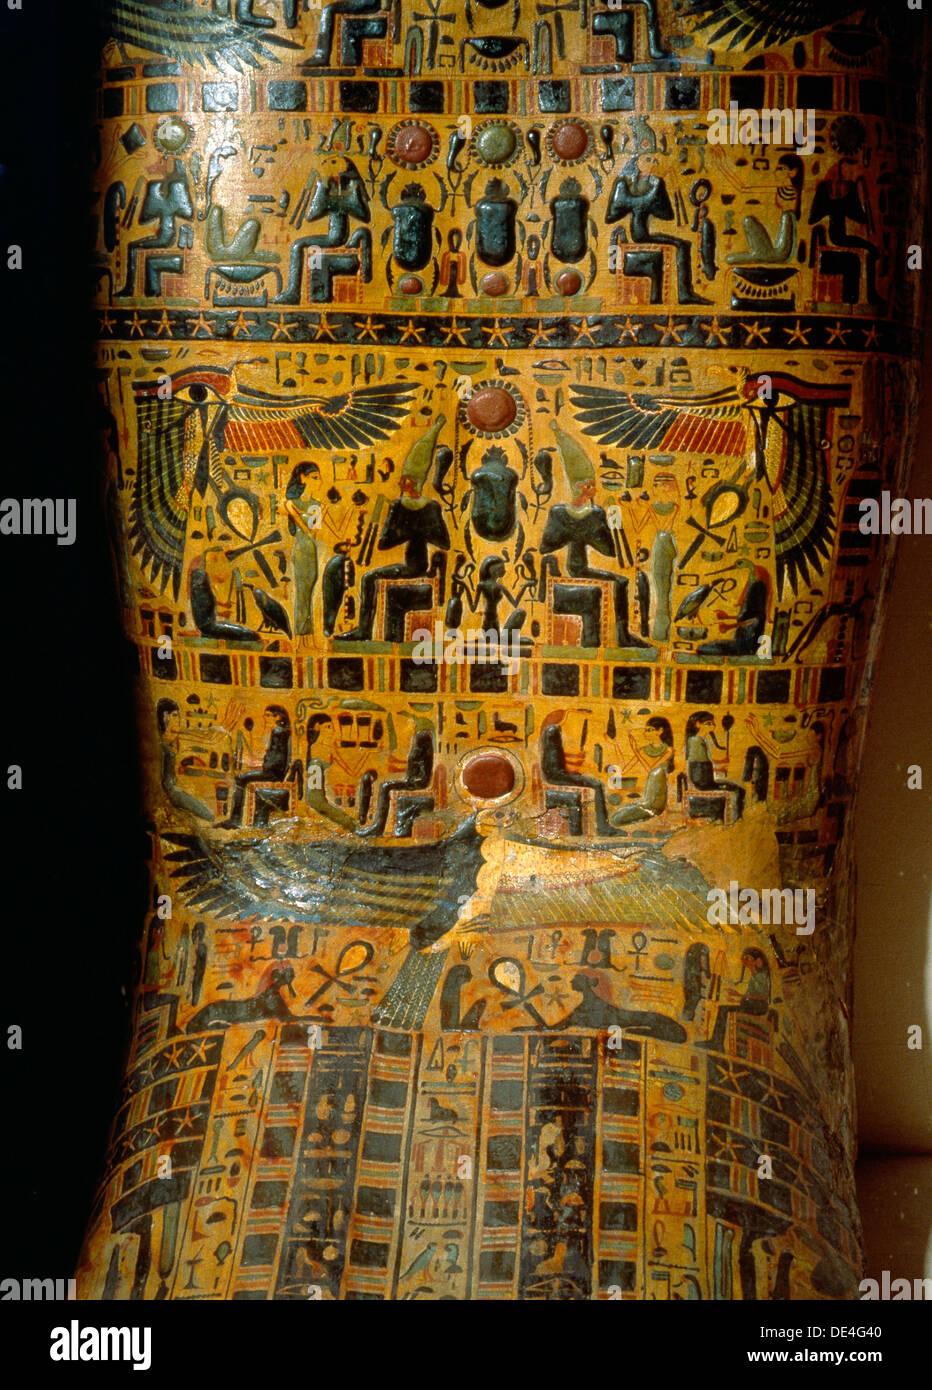 Détail de l'extérieur d'un cercueil,décorées avec des scènes de la mythologie osirienne et solaire. Photo Stock